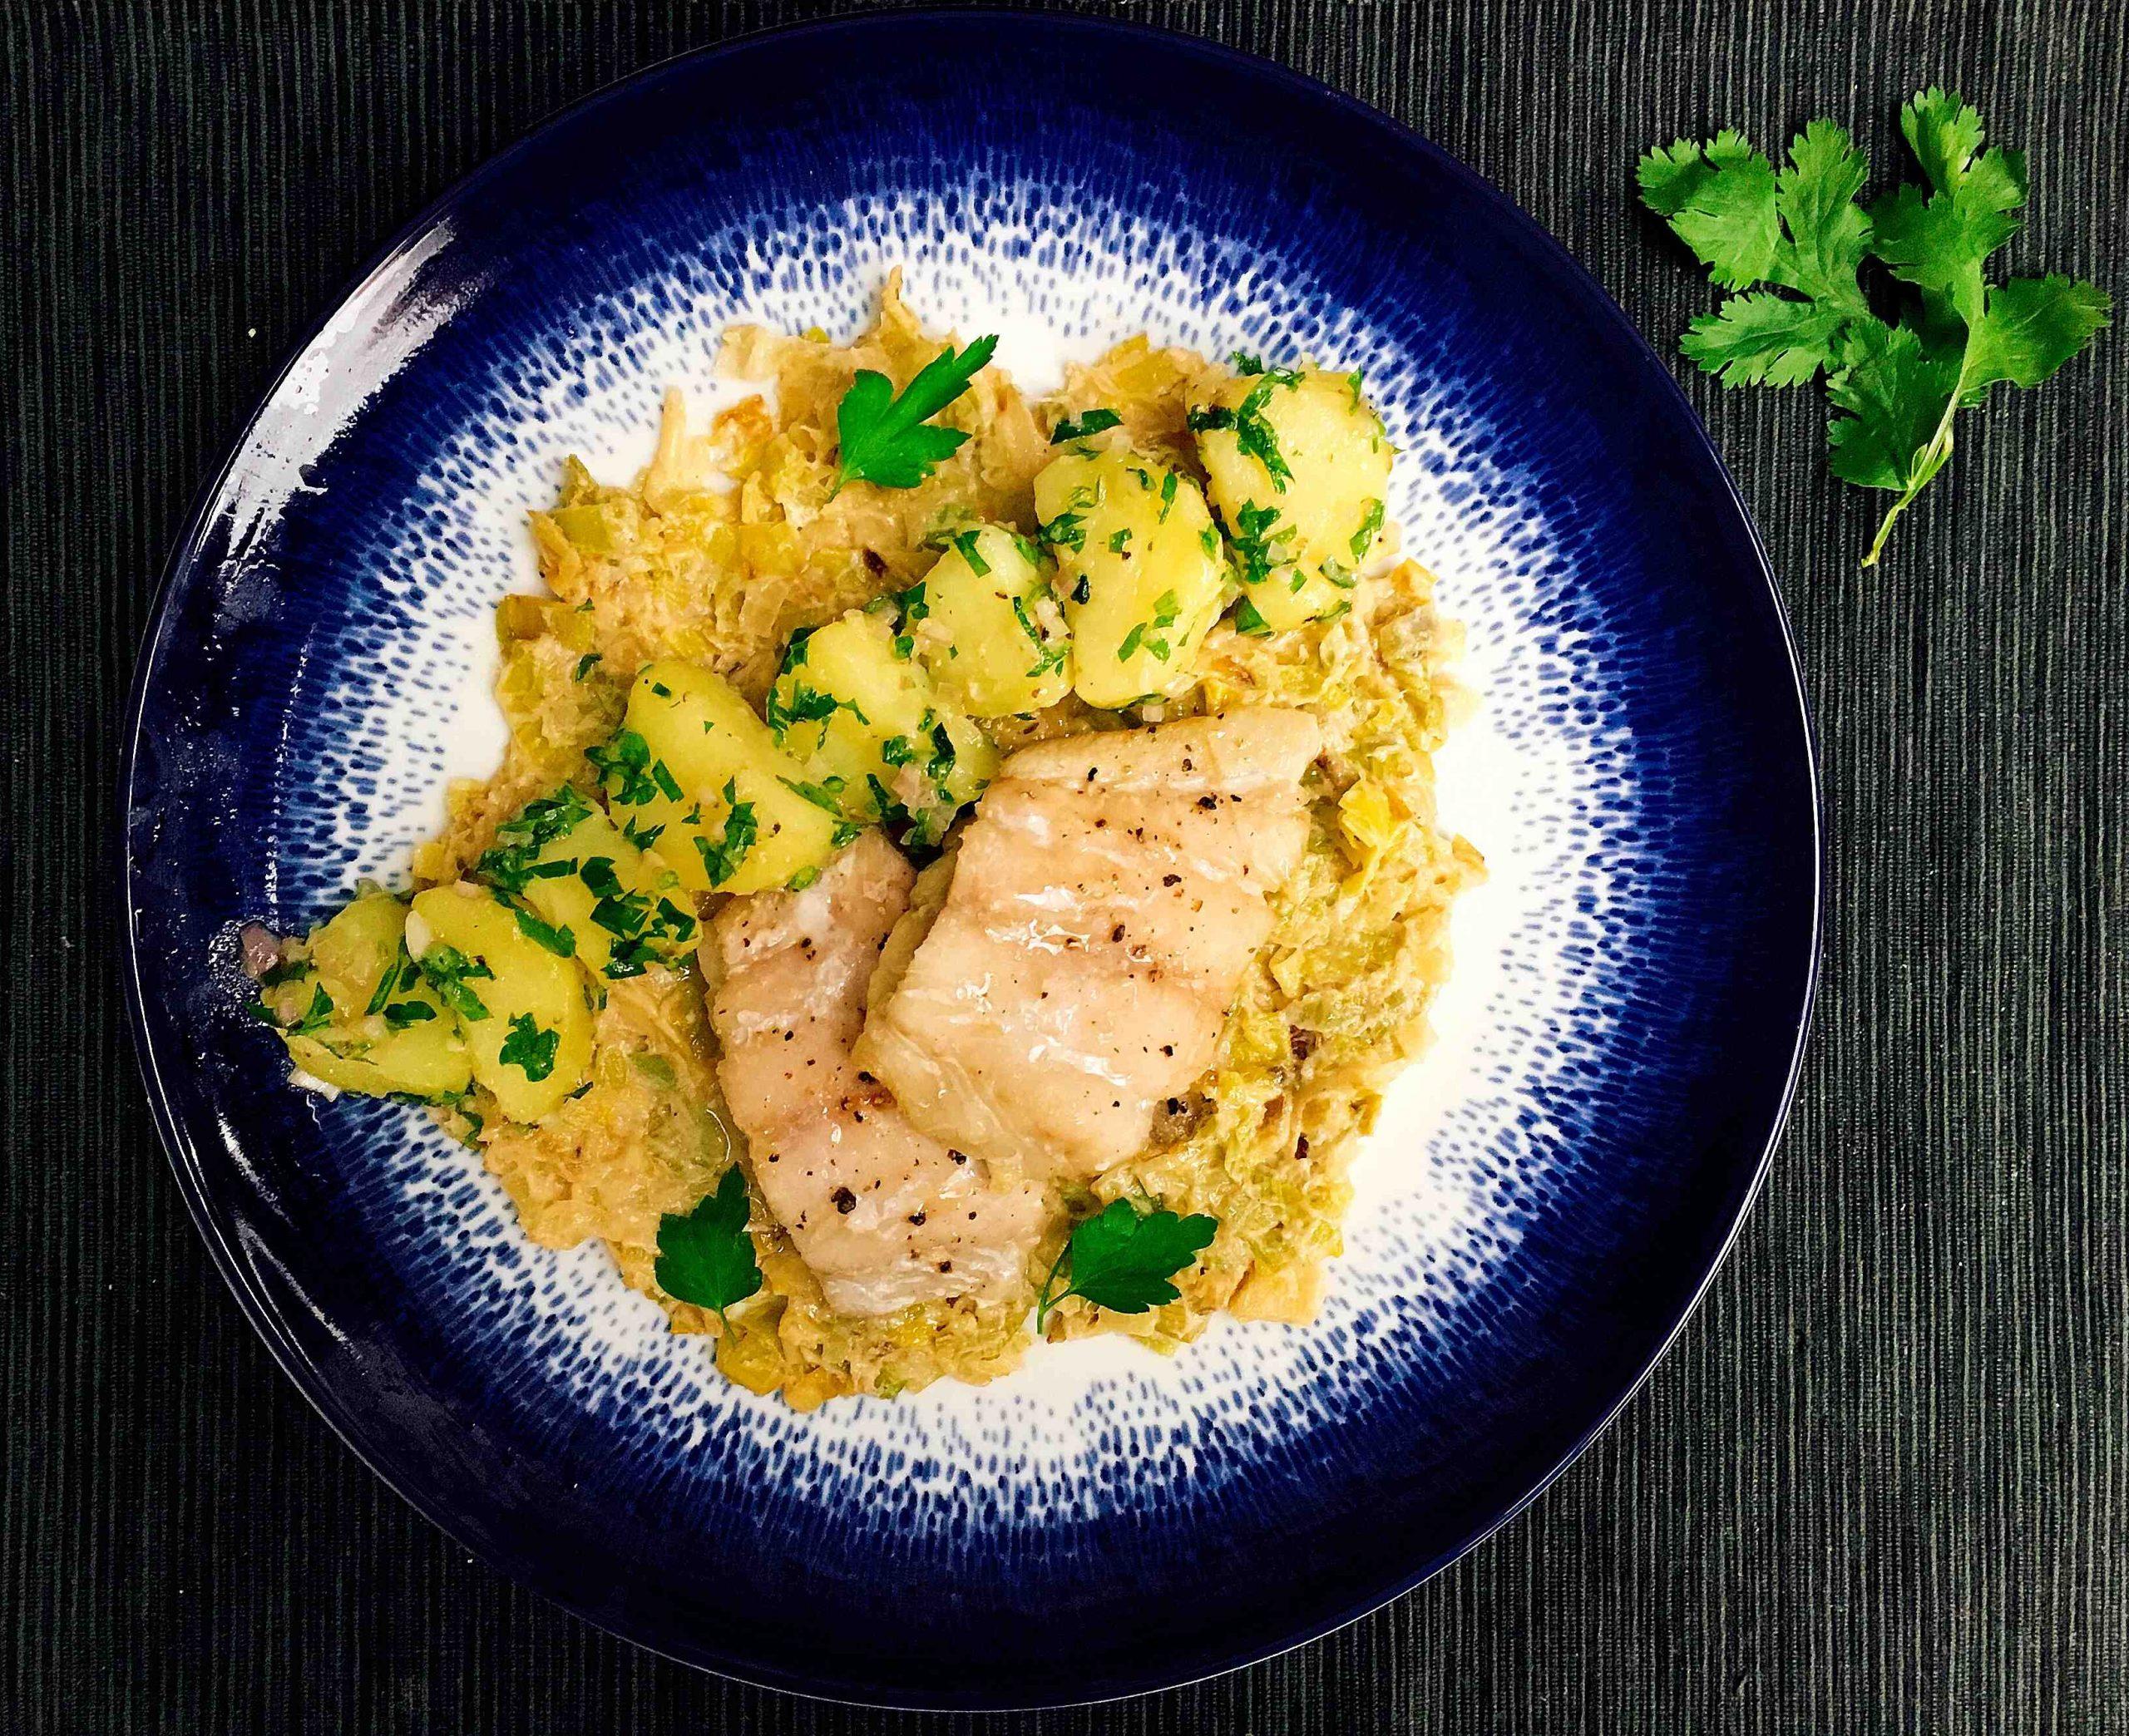 Recette I-Lunch : Lieu noir et tombée de poireaux pommes de terre pour 4